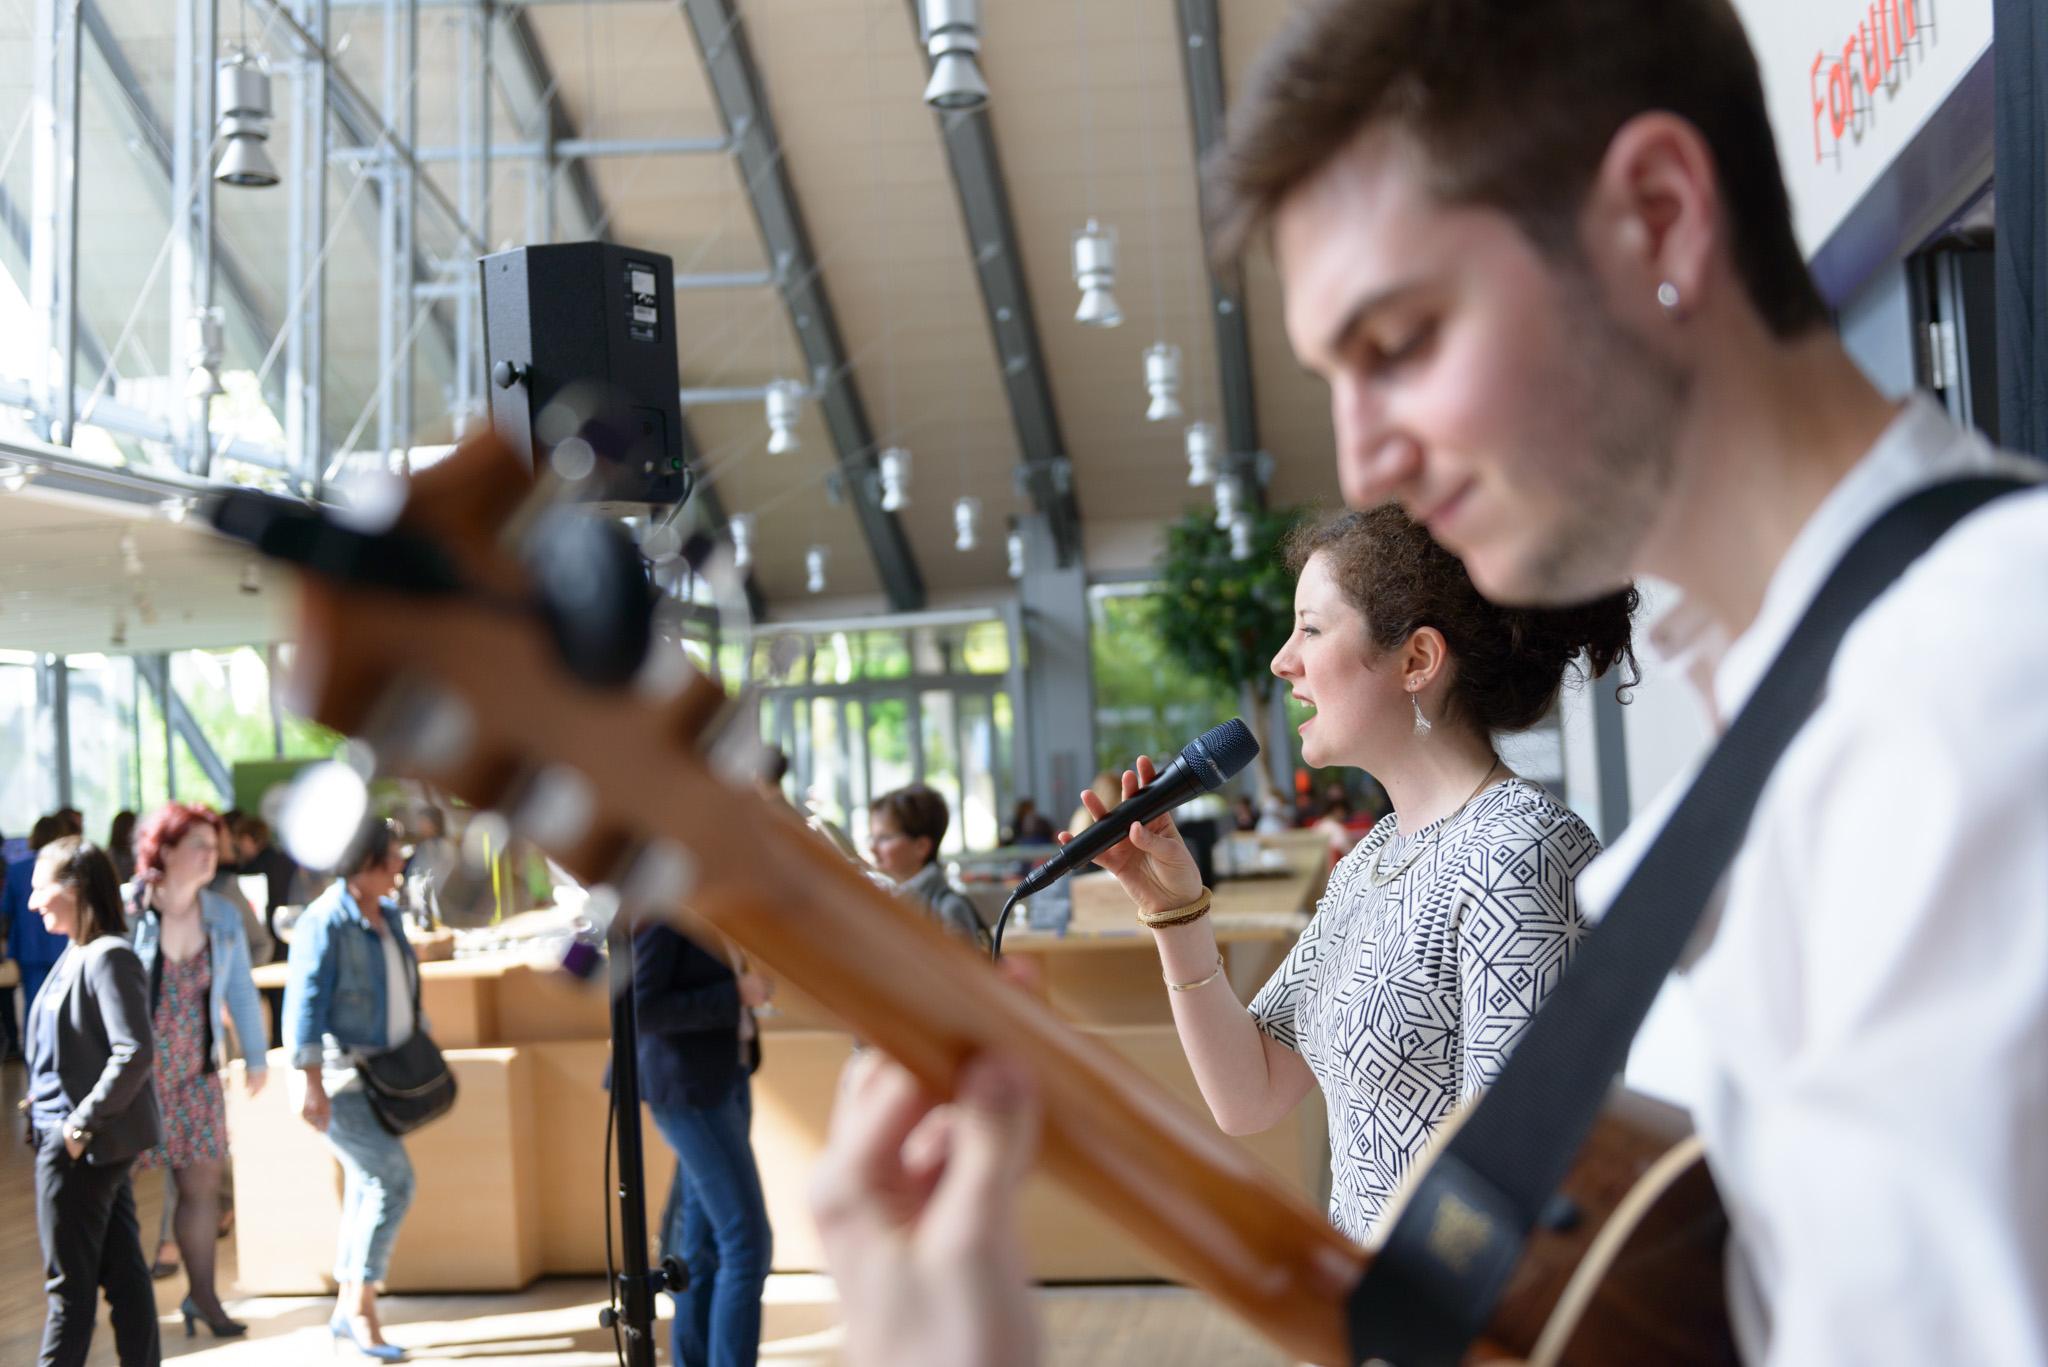 Konzert 03.05.2017, Paul Klee Zentrum Bern